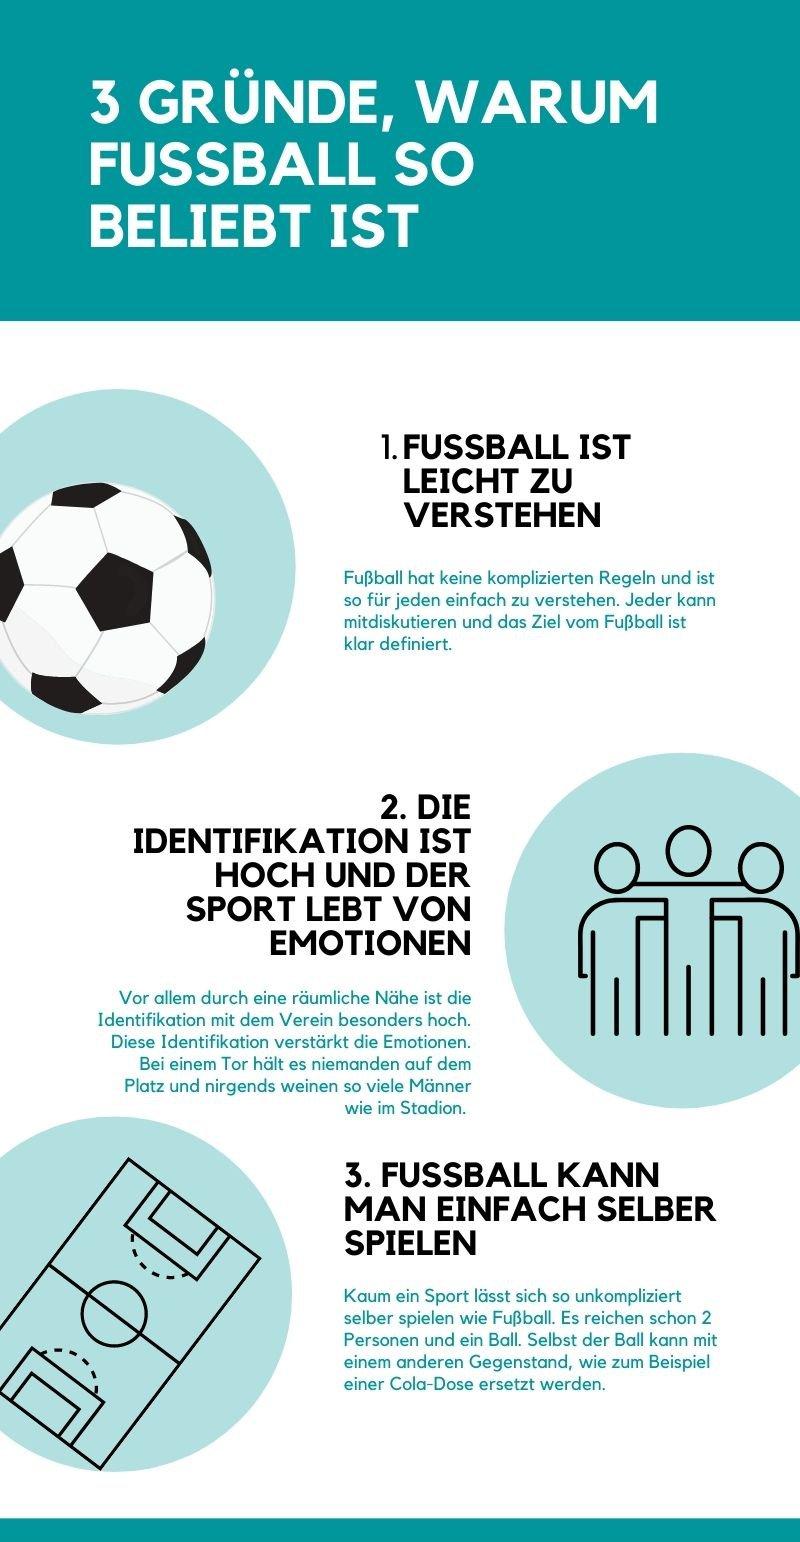 3 Gründe warum Fußball so beliebt ist.